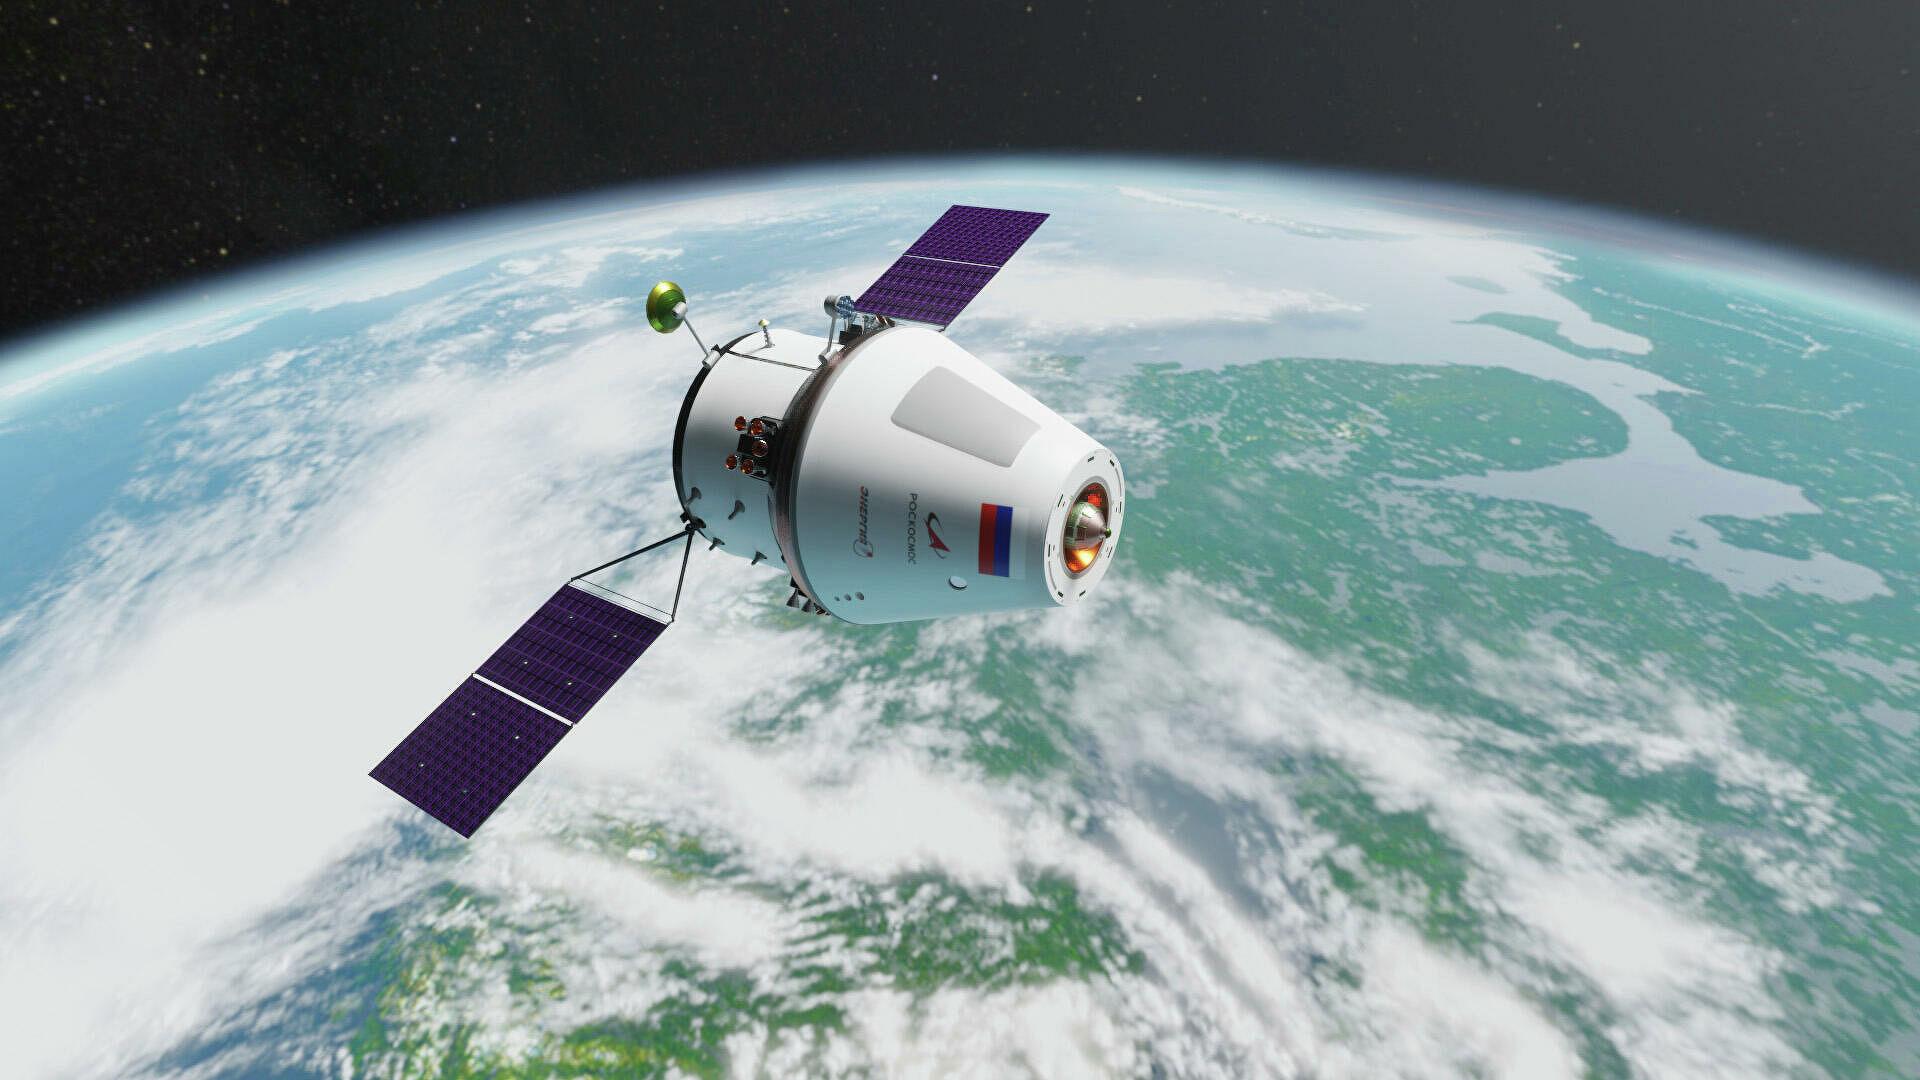 """Prvo probno lansiranje nove ruske letelice """"Orel"""" u bespilotnom režimu prema Mesecu na raketi """"Angara"""" zakazano 2023. godinu"""